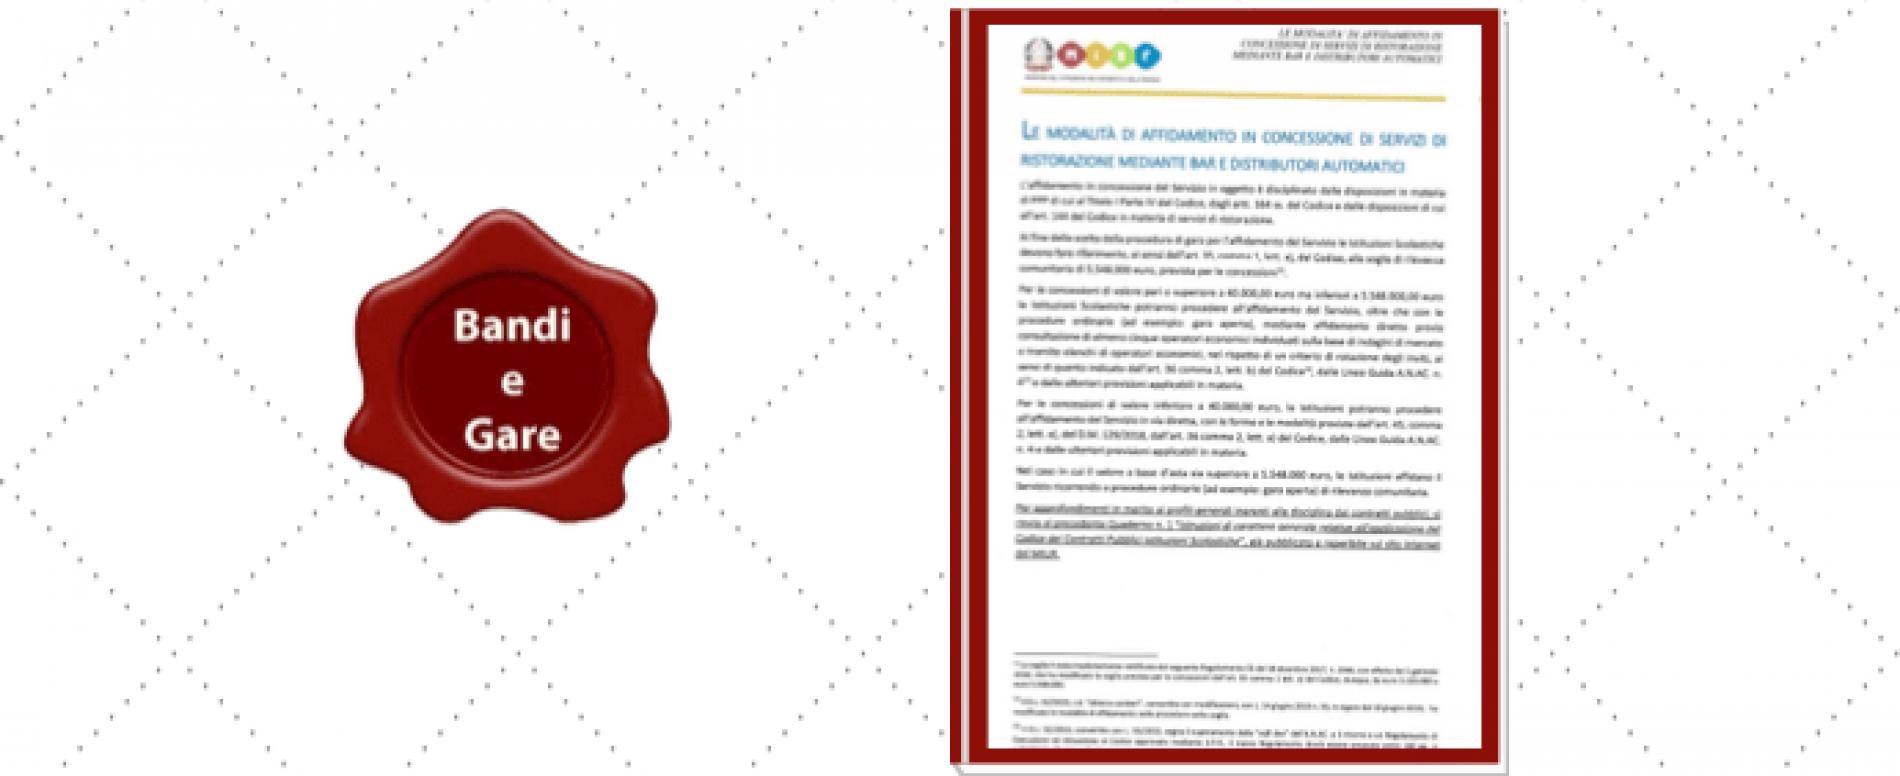 Il MIUR ha pubblicato Quaderno 2. Le indicazioni per le gare Vending nelle scuole